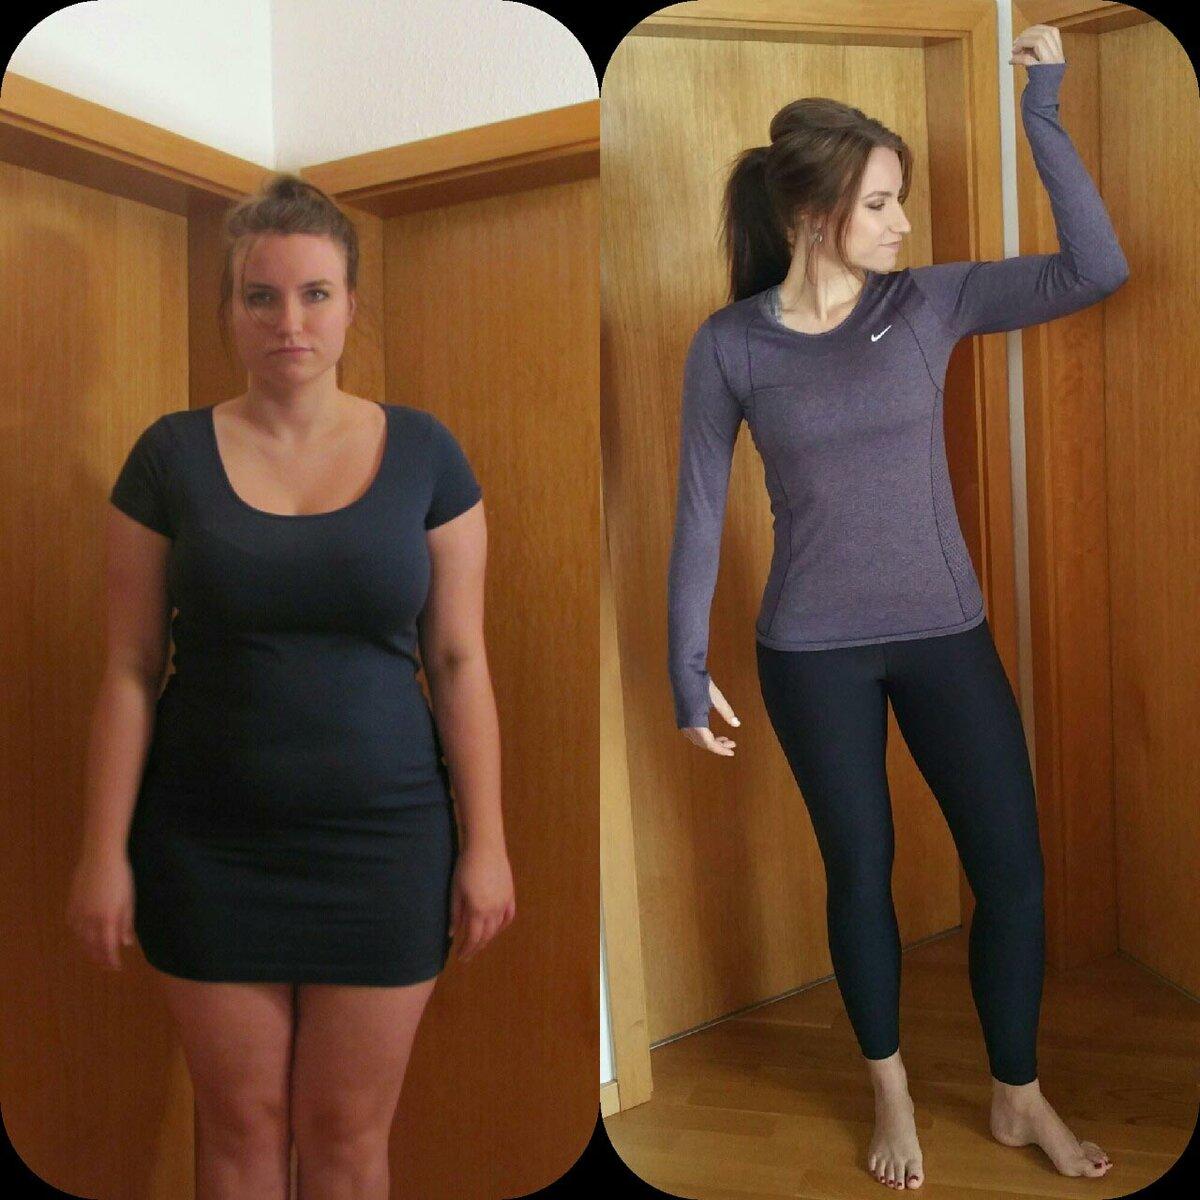 После родов вес стоит на месте причины - красота и здоровье